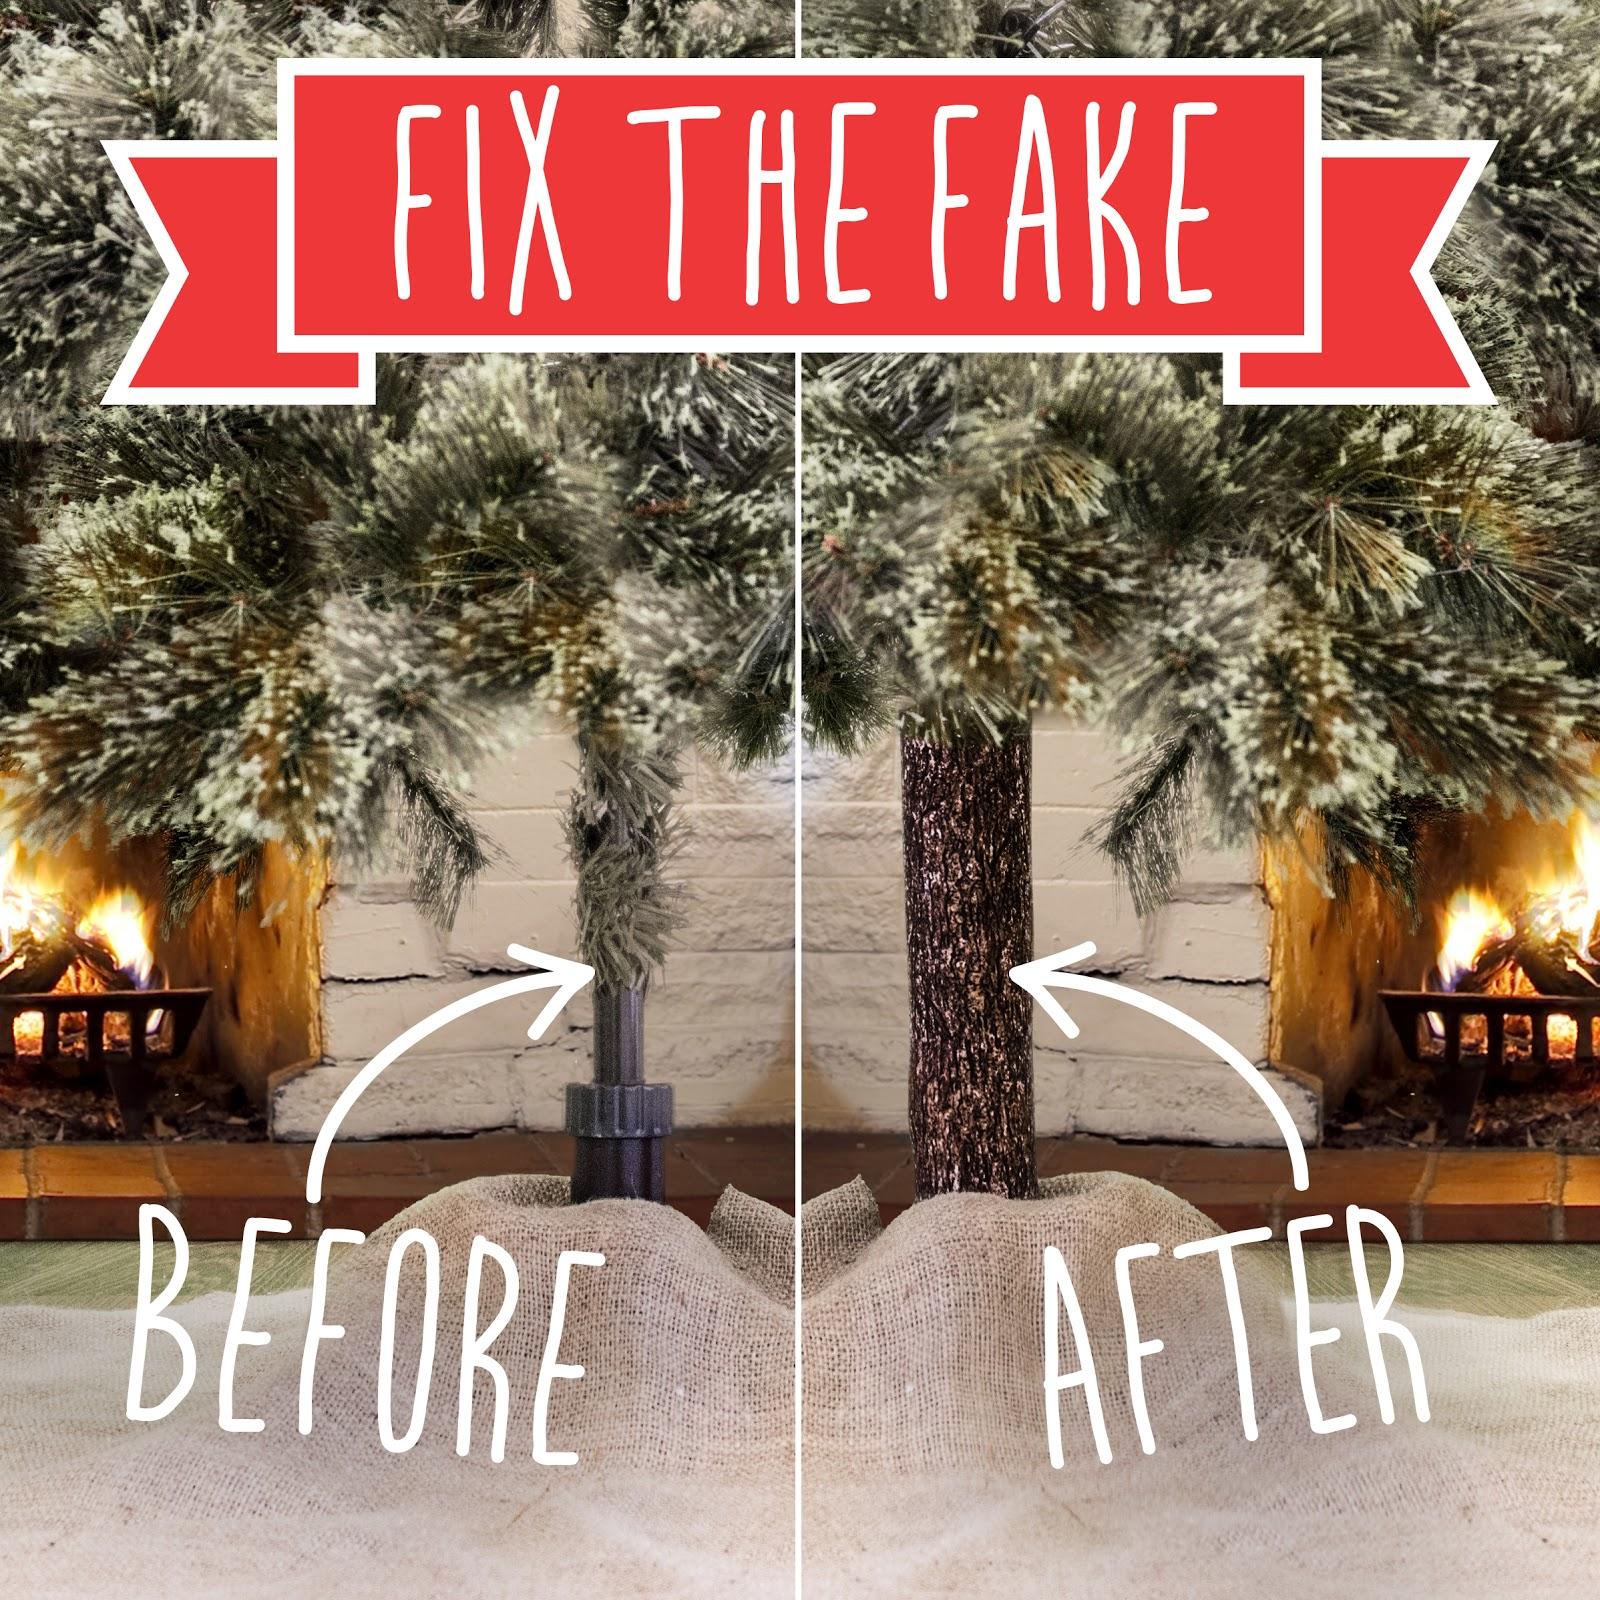 c58de5e1e25 How Ryan Kenny Started The Christmas Tree Hugger - Starter Story